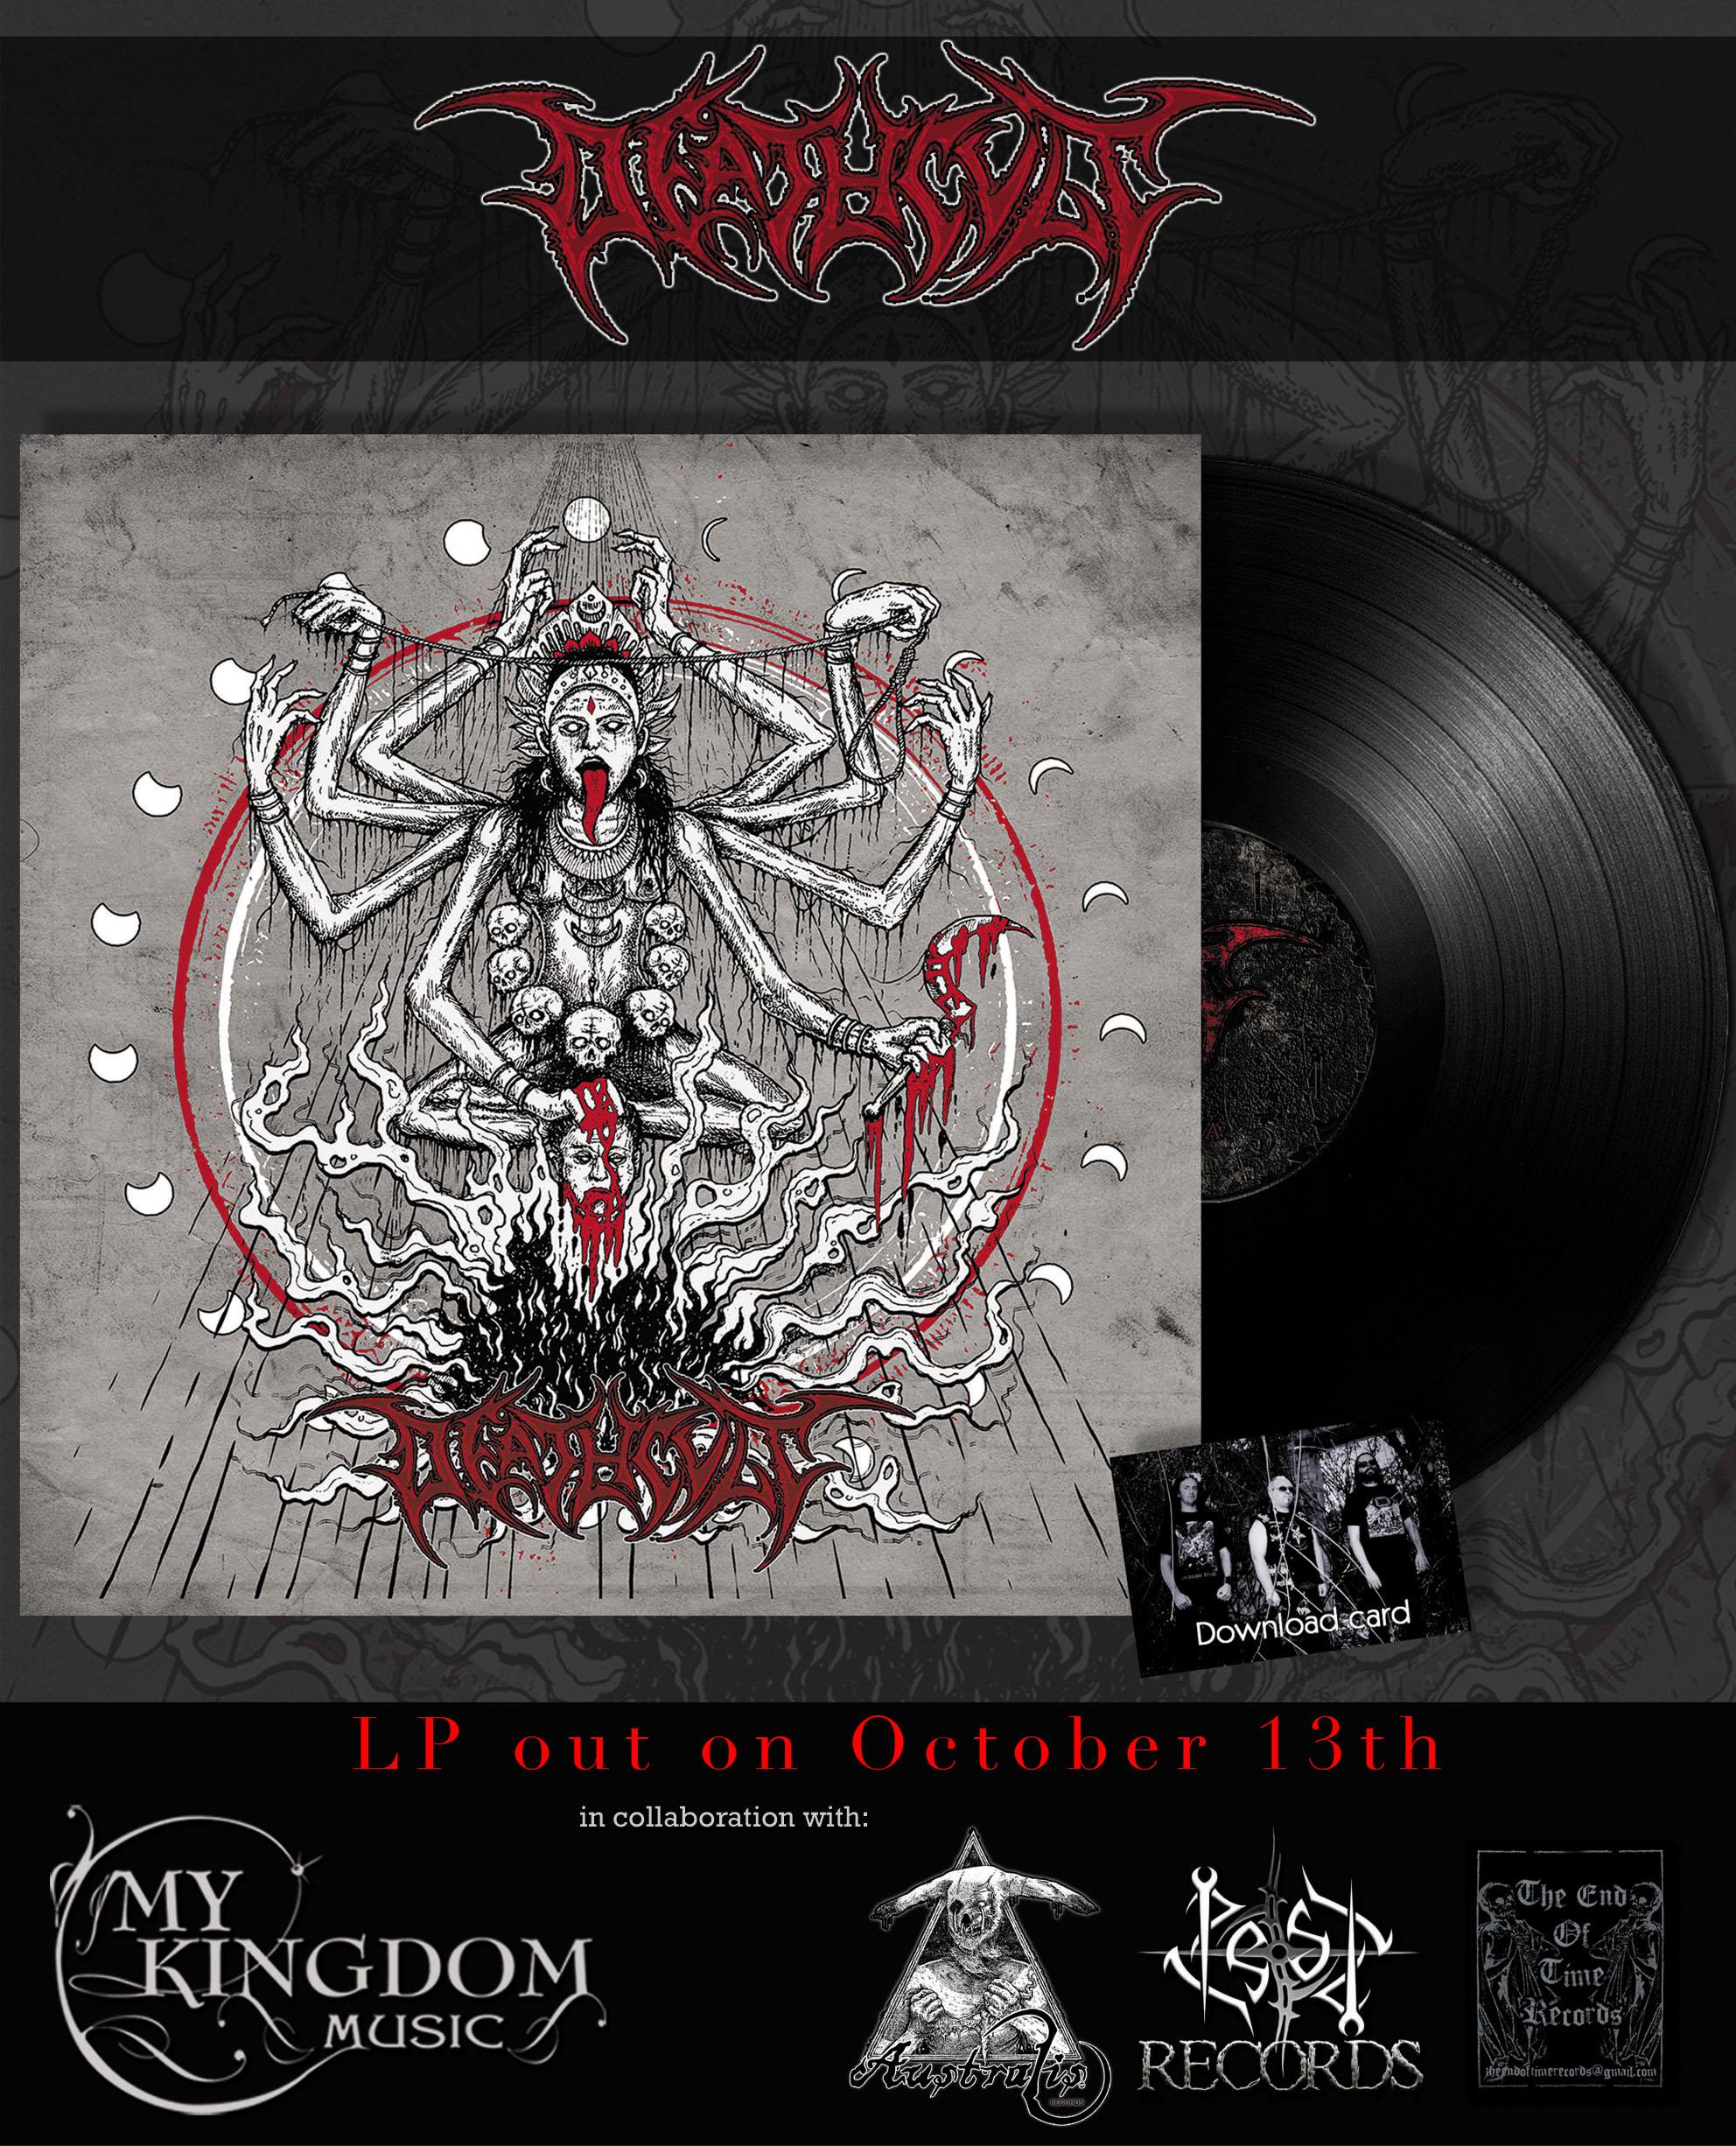 Promotional image LP + partners